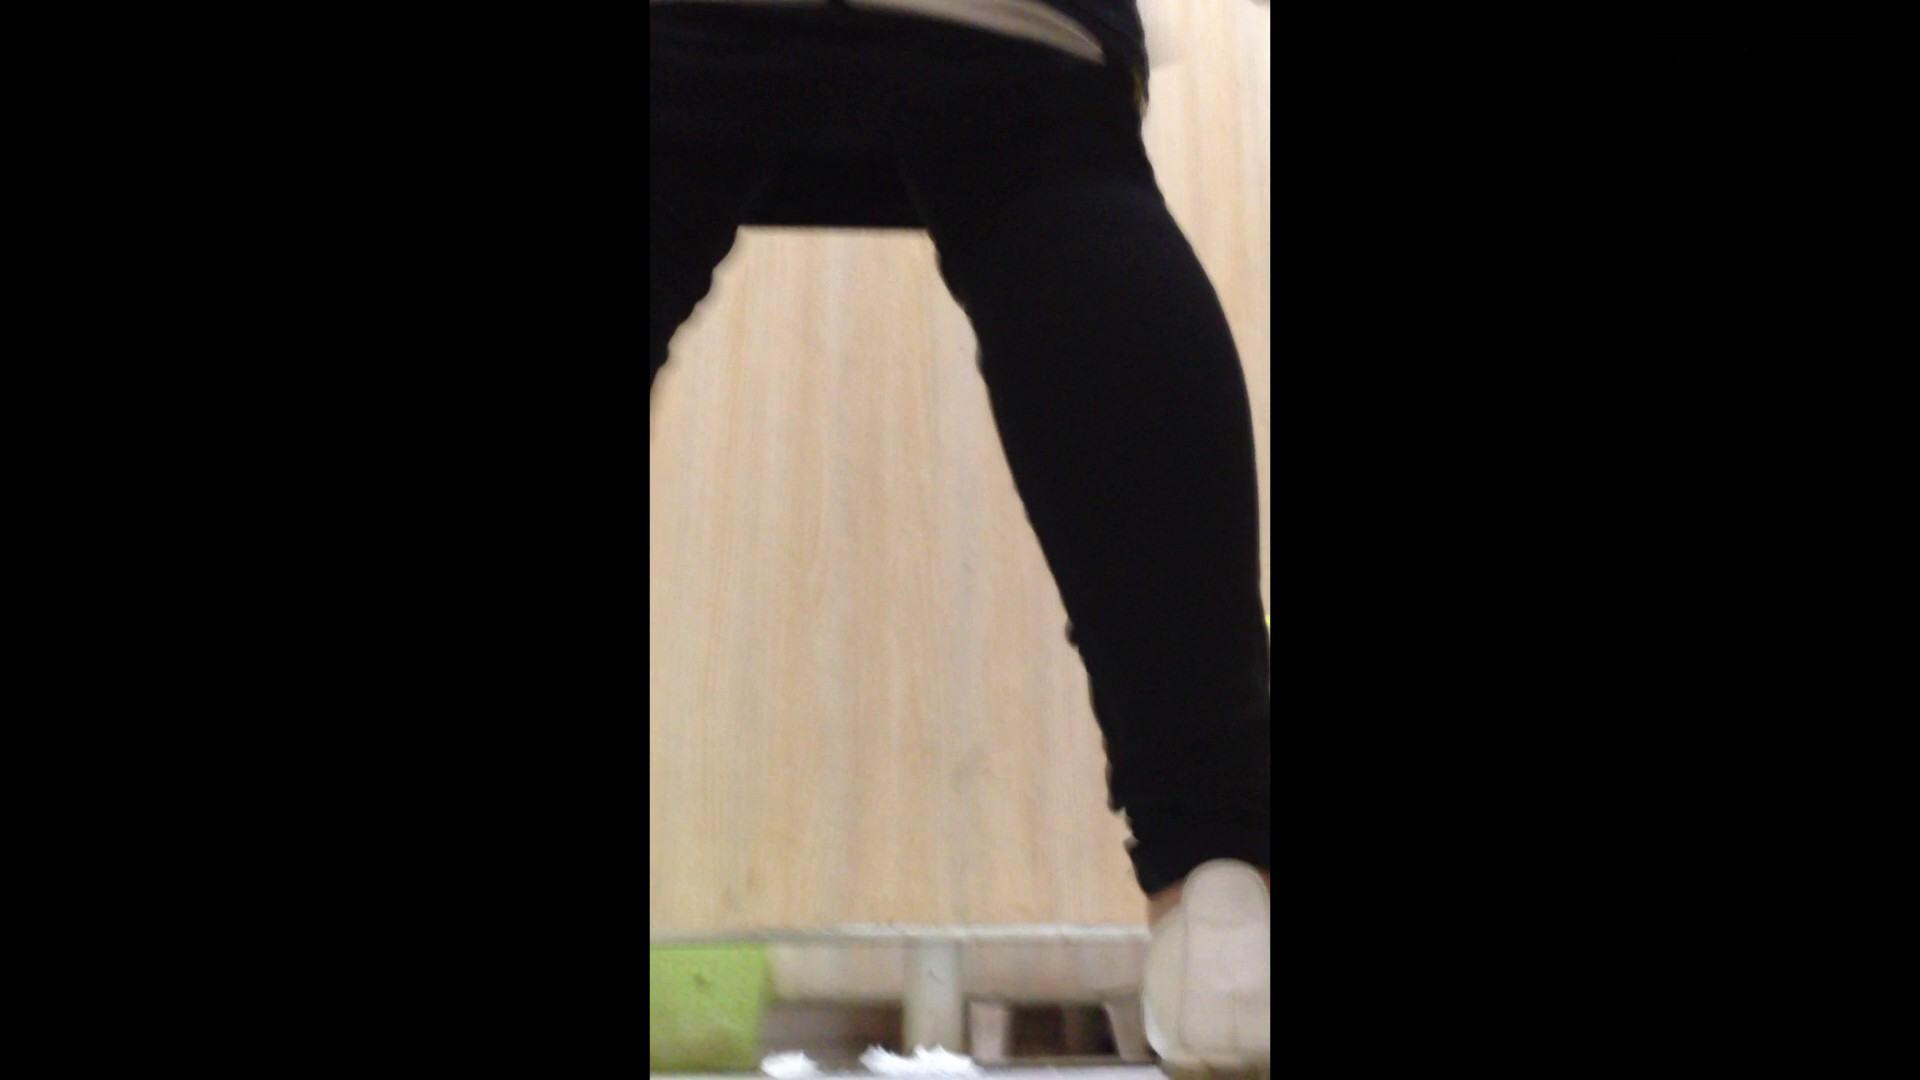 芸術大学ガチ潜入盗撮 JD盗撮 美女の洗面所の秘密 Vol.87 潜入 SEX無修正画像 79枚 52